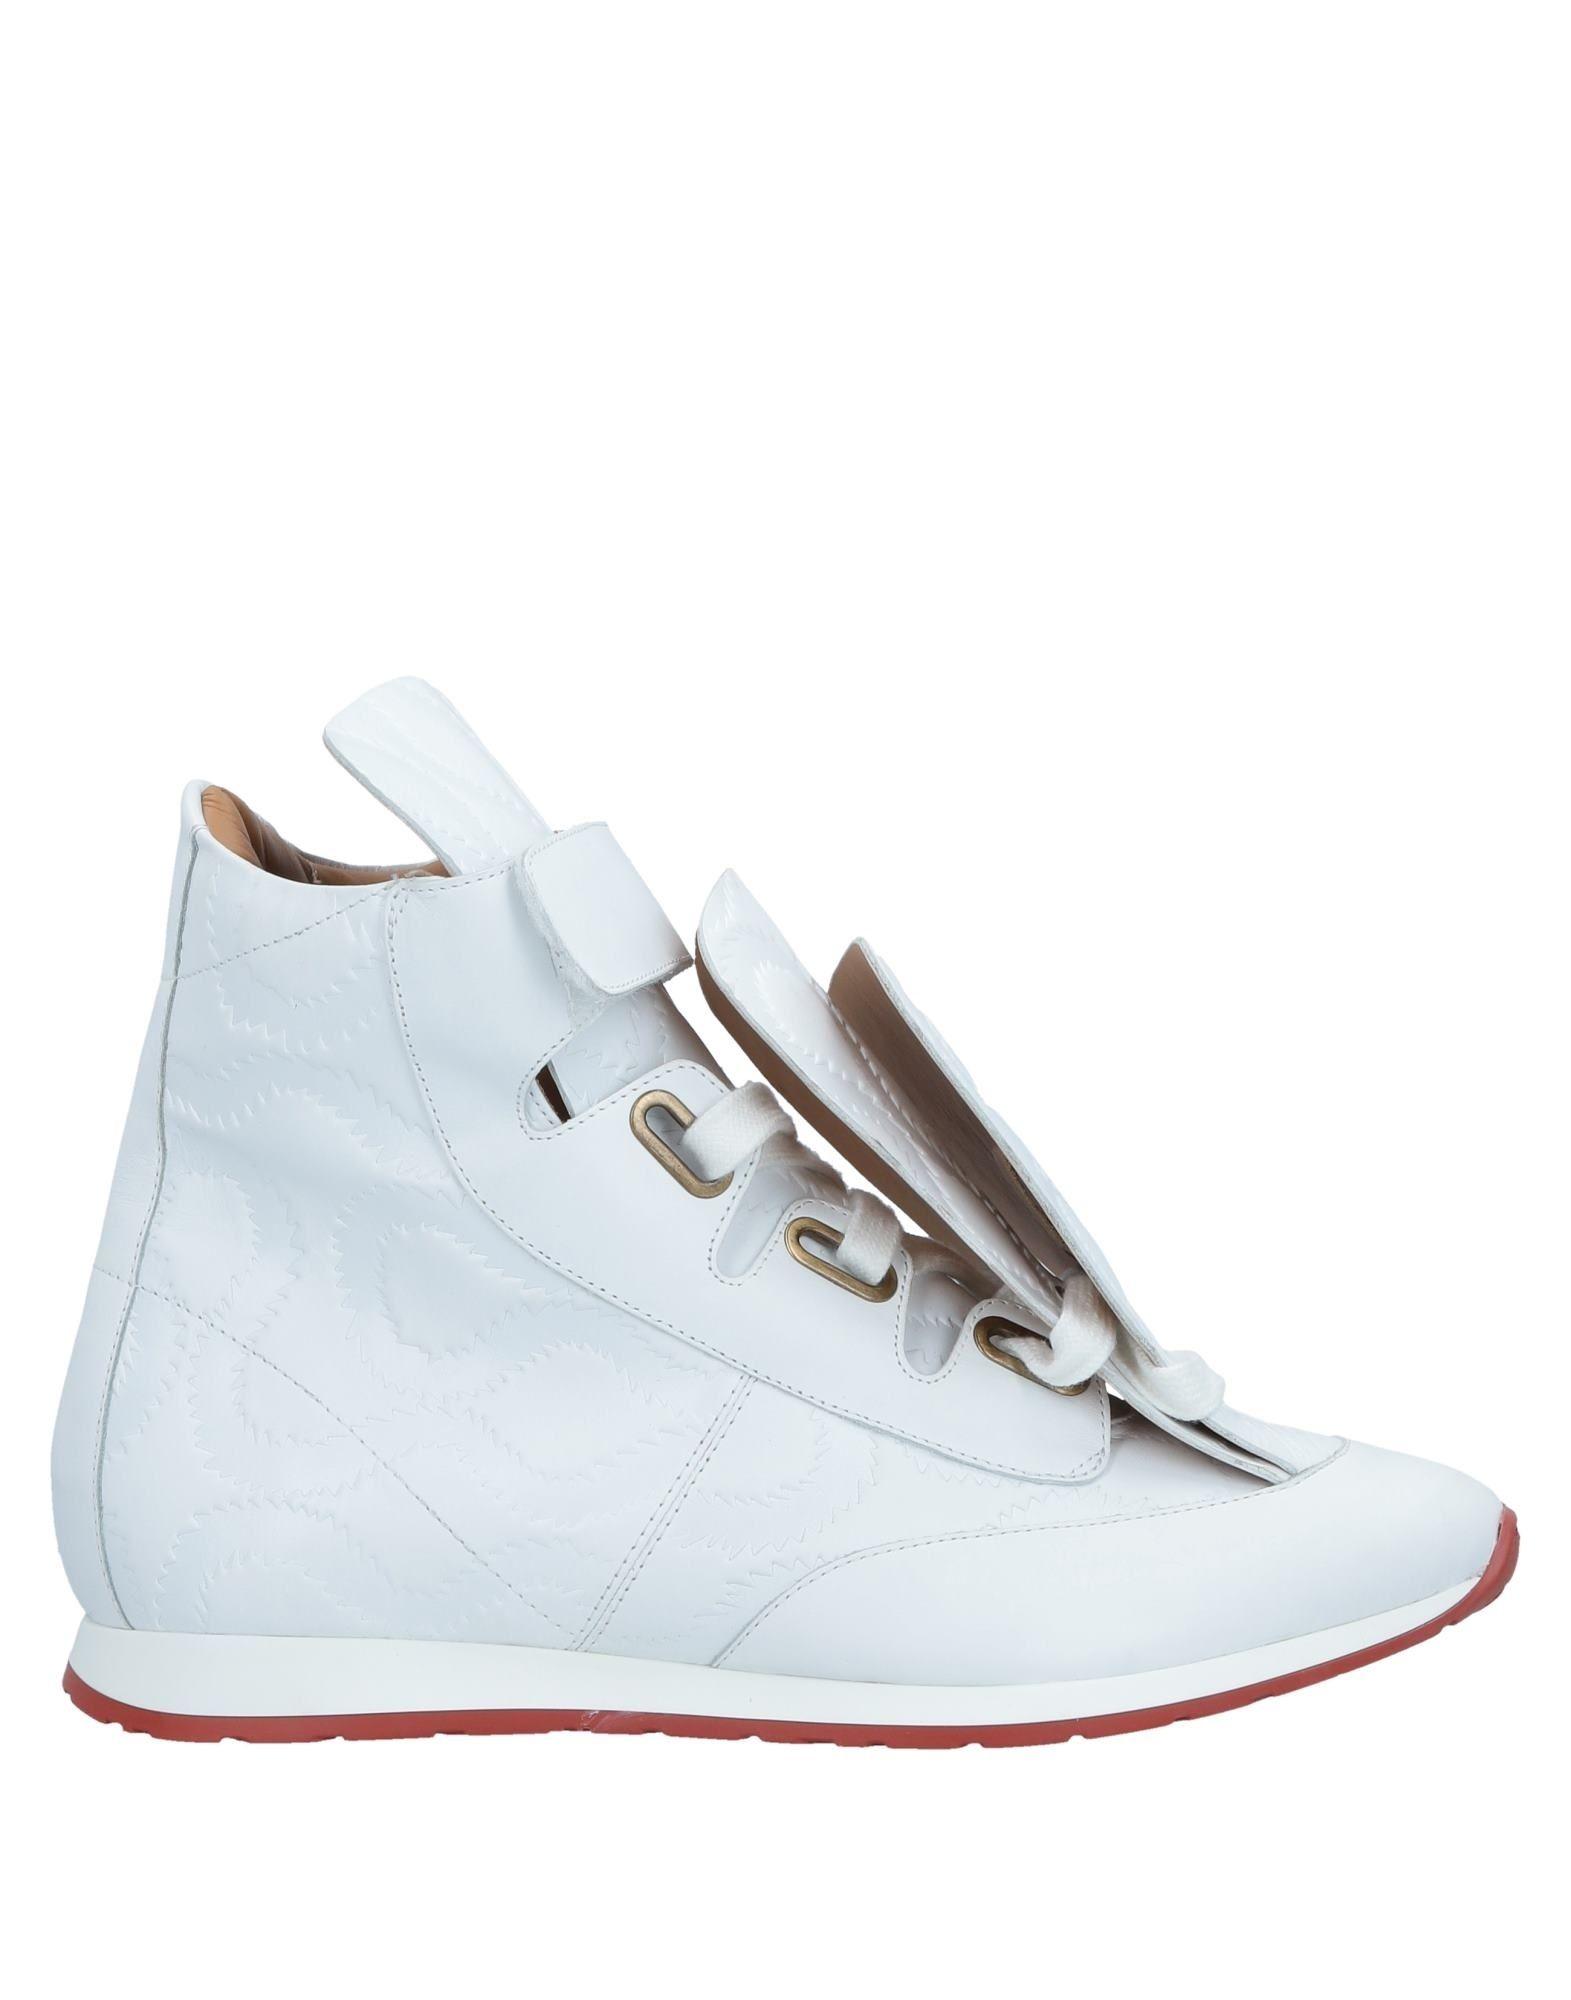 Vivienne Westwood Sneakers Herren  11522491MP Neue Schuhe